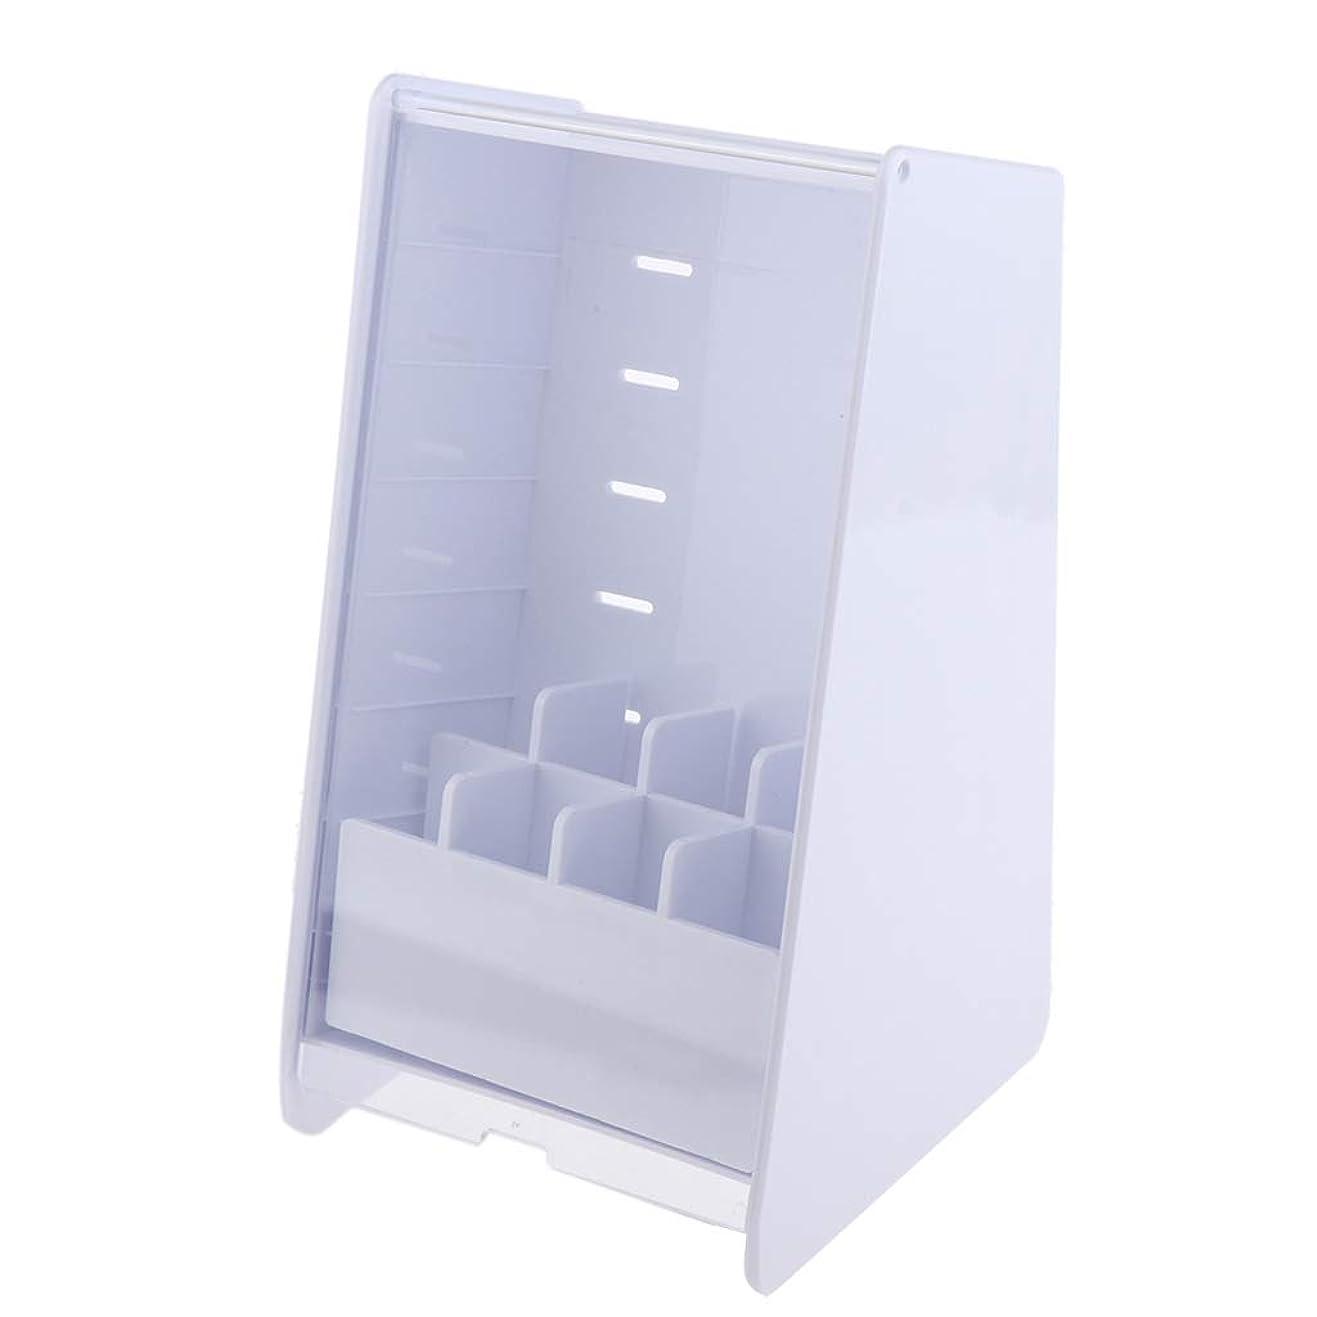 シングル保持バレルCUTICATE メイクボックス コスメボックス 化粧箱 化粧品 化粧道具入れ 収納ケース 蓋付き アクリル 全2色 - 白